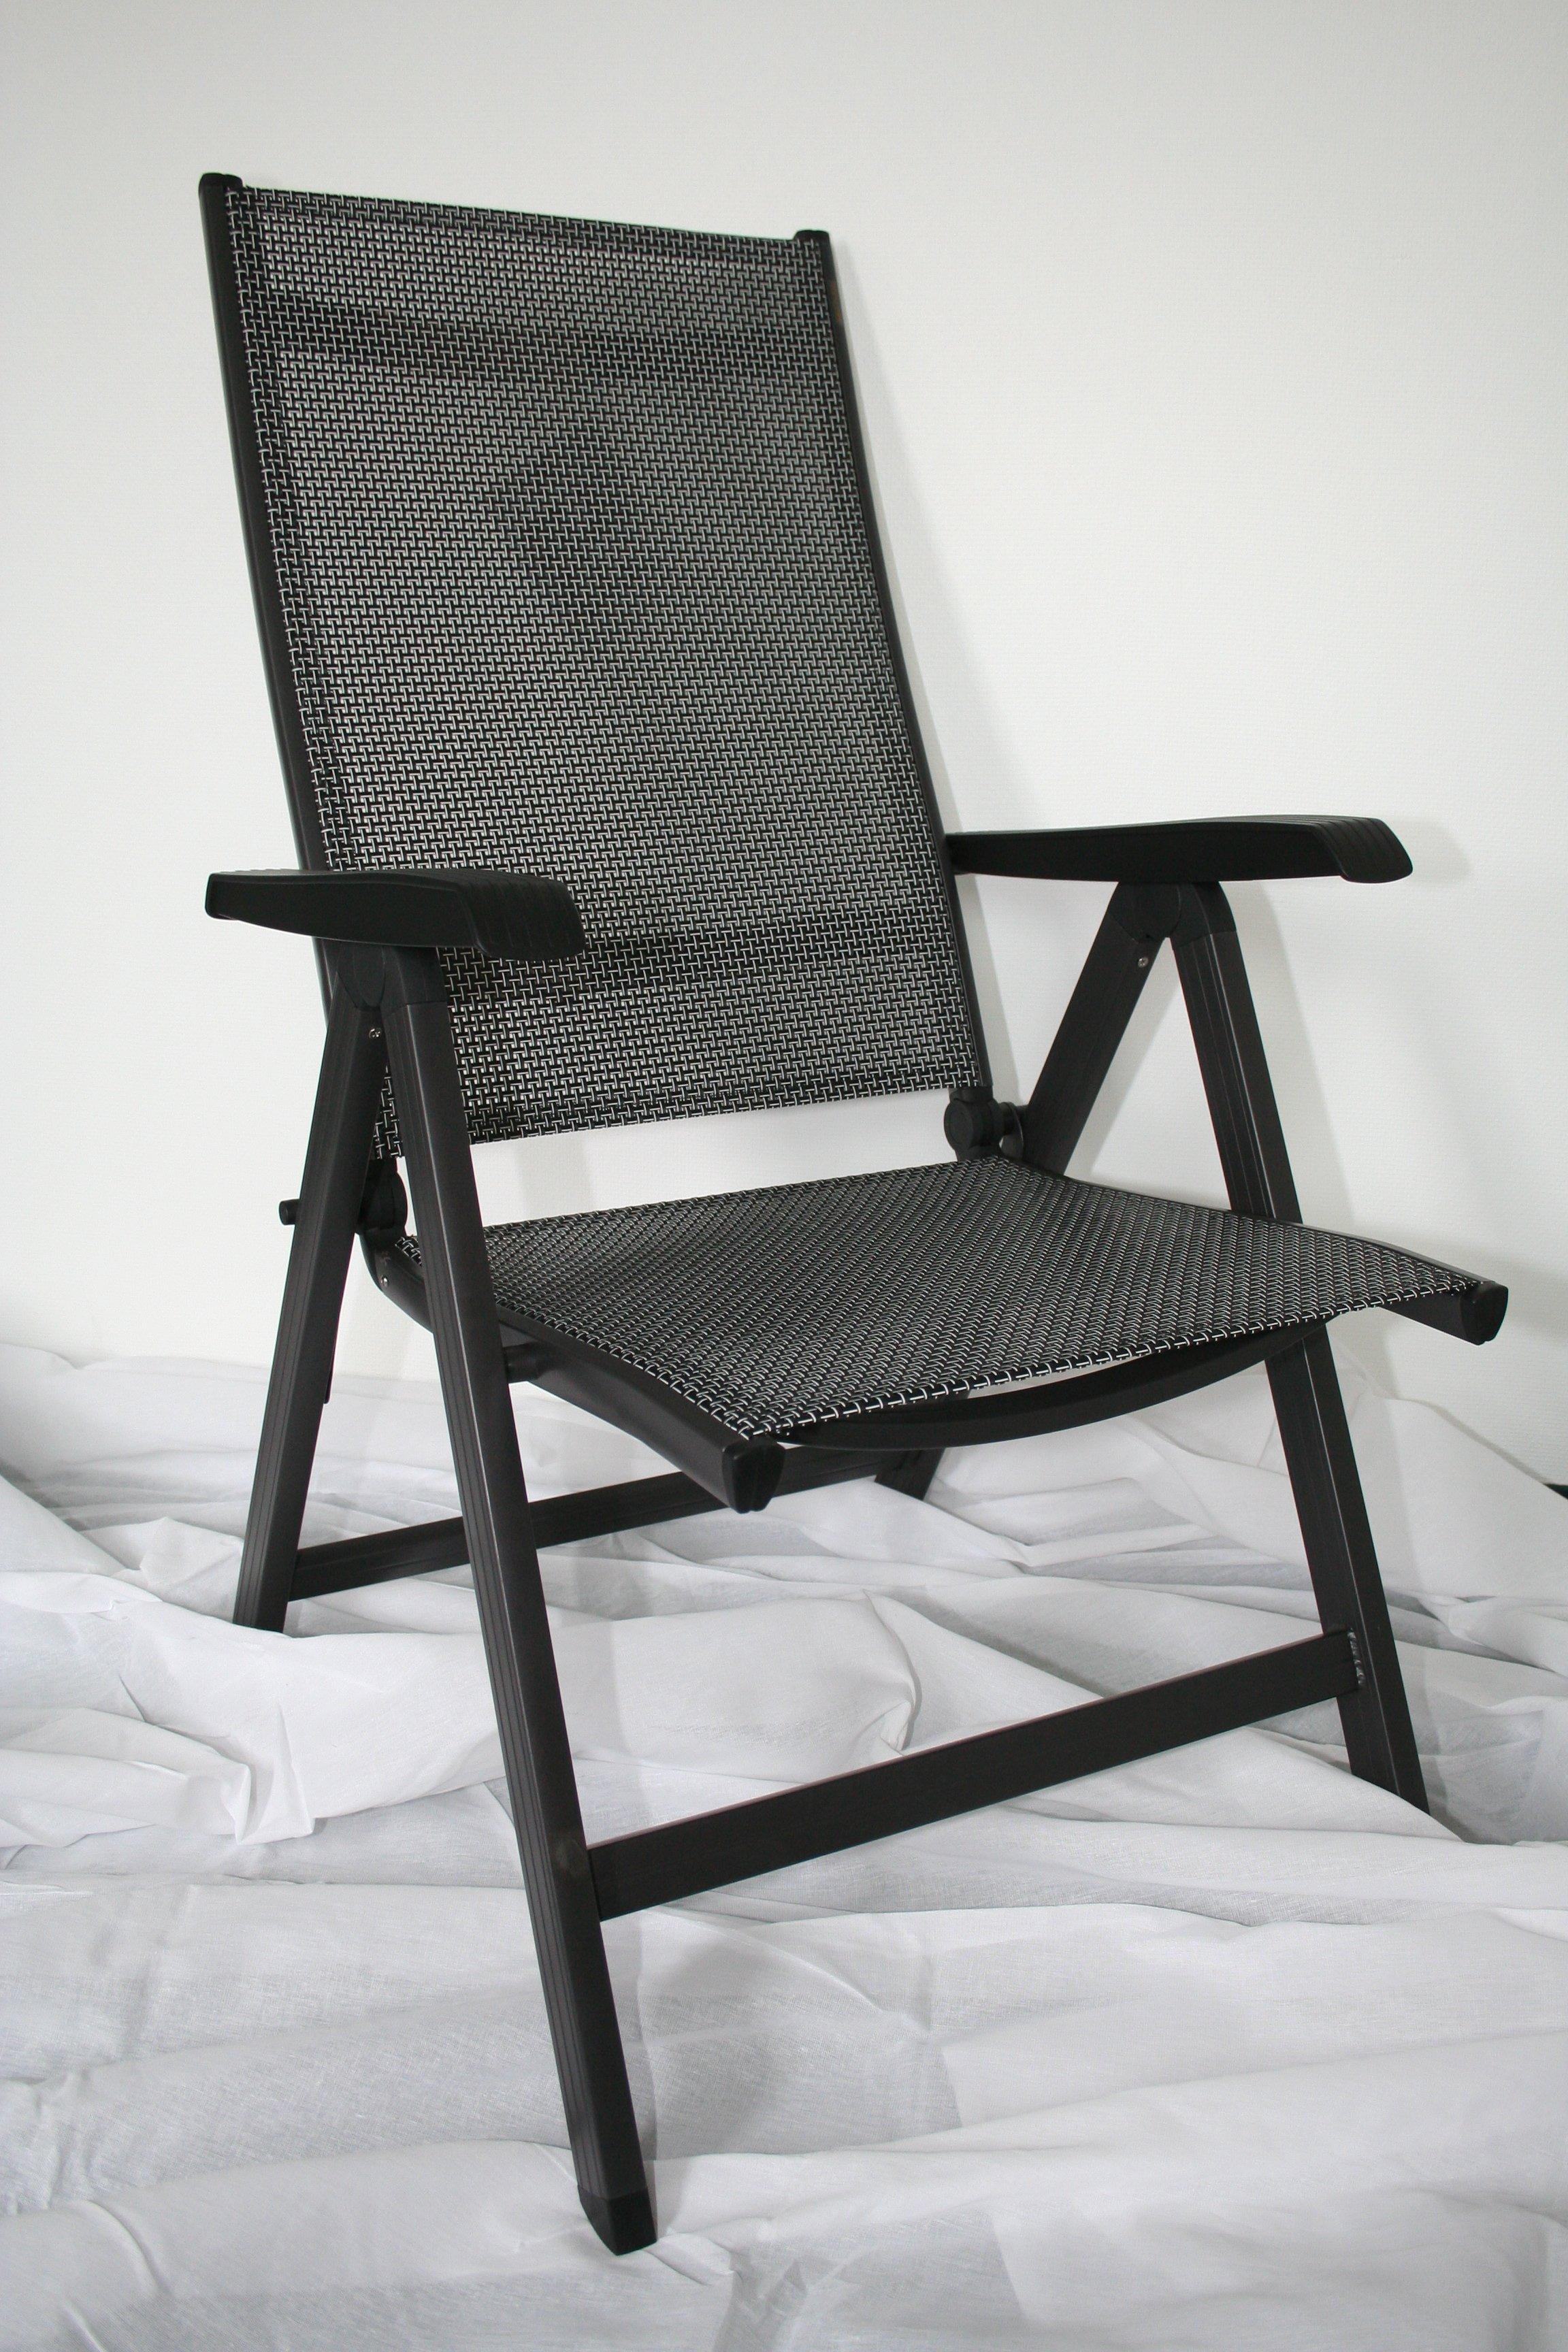 en blanco y negro blanco silla asiento sentado vaco mueble brazo